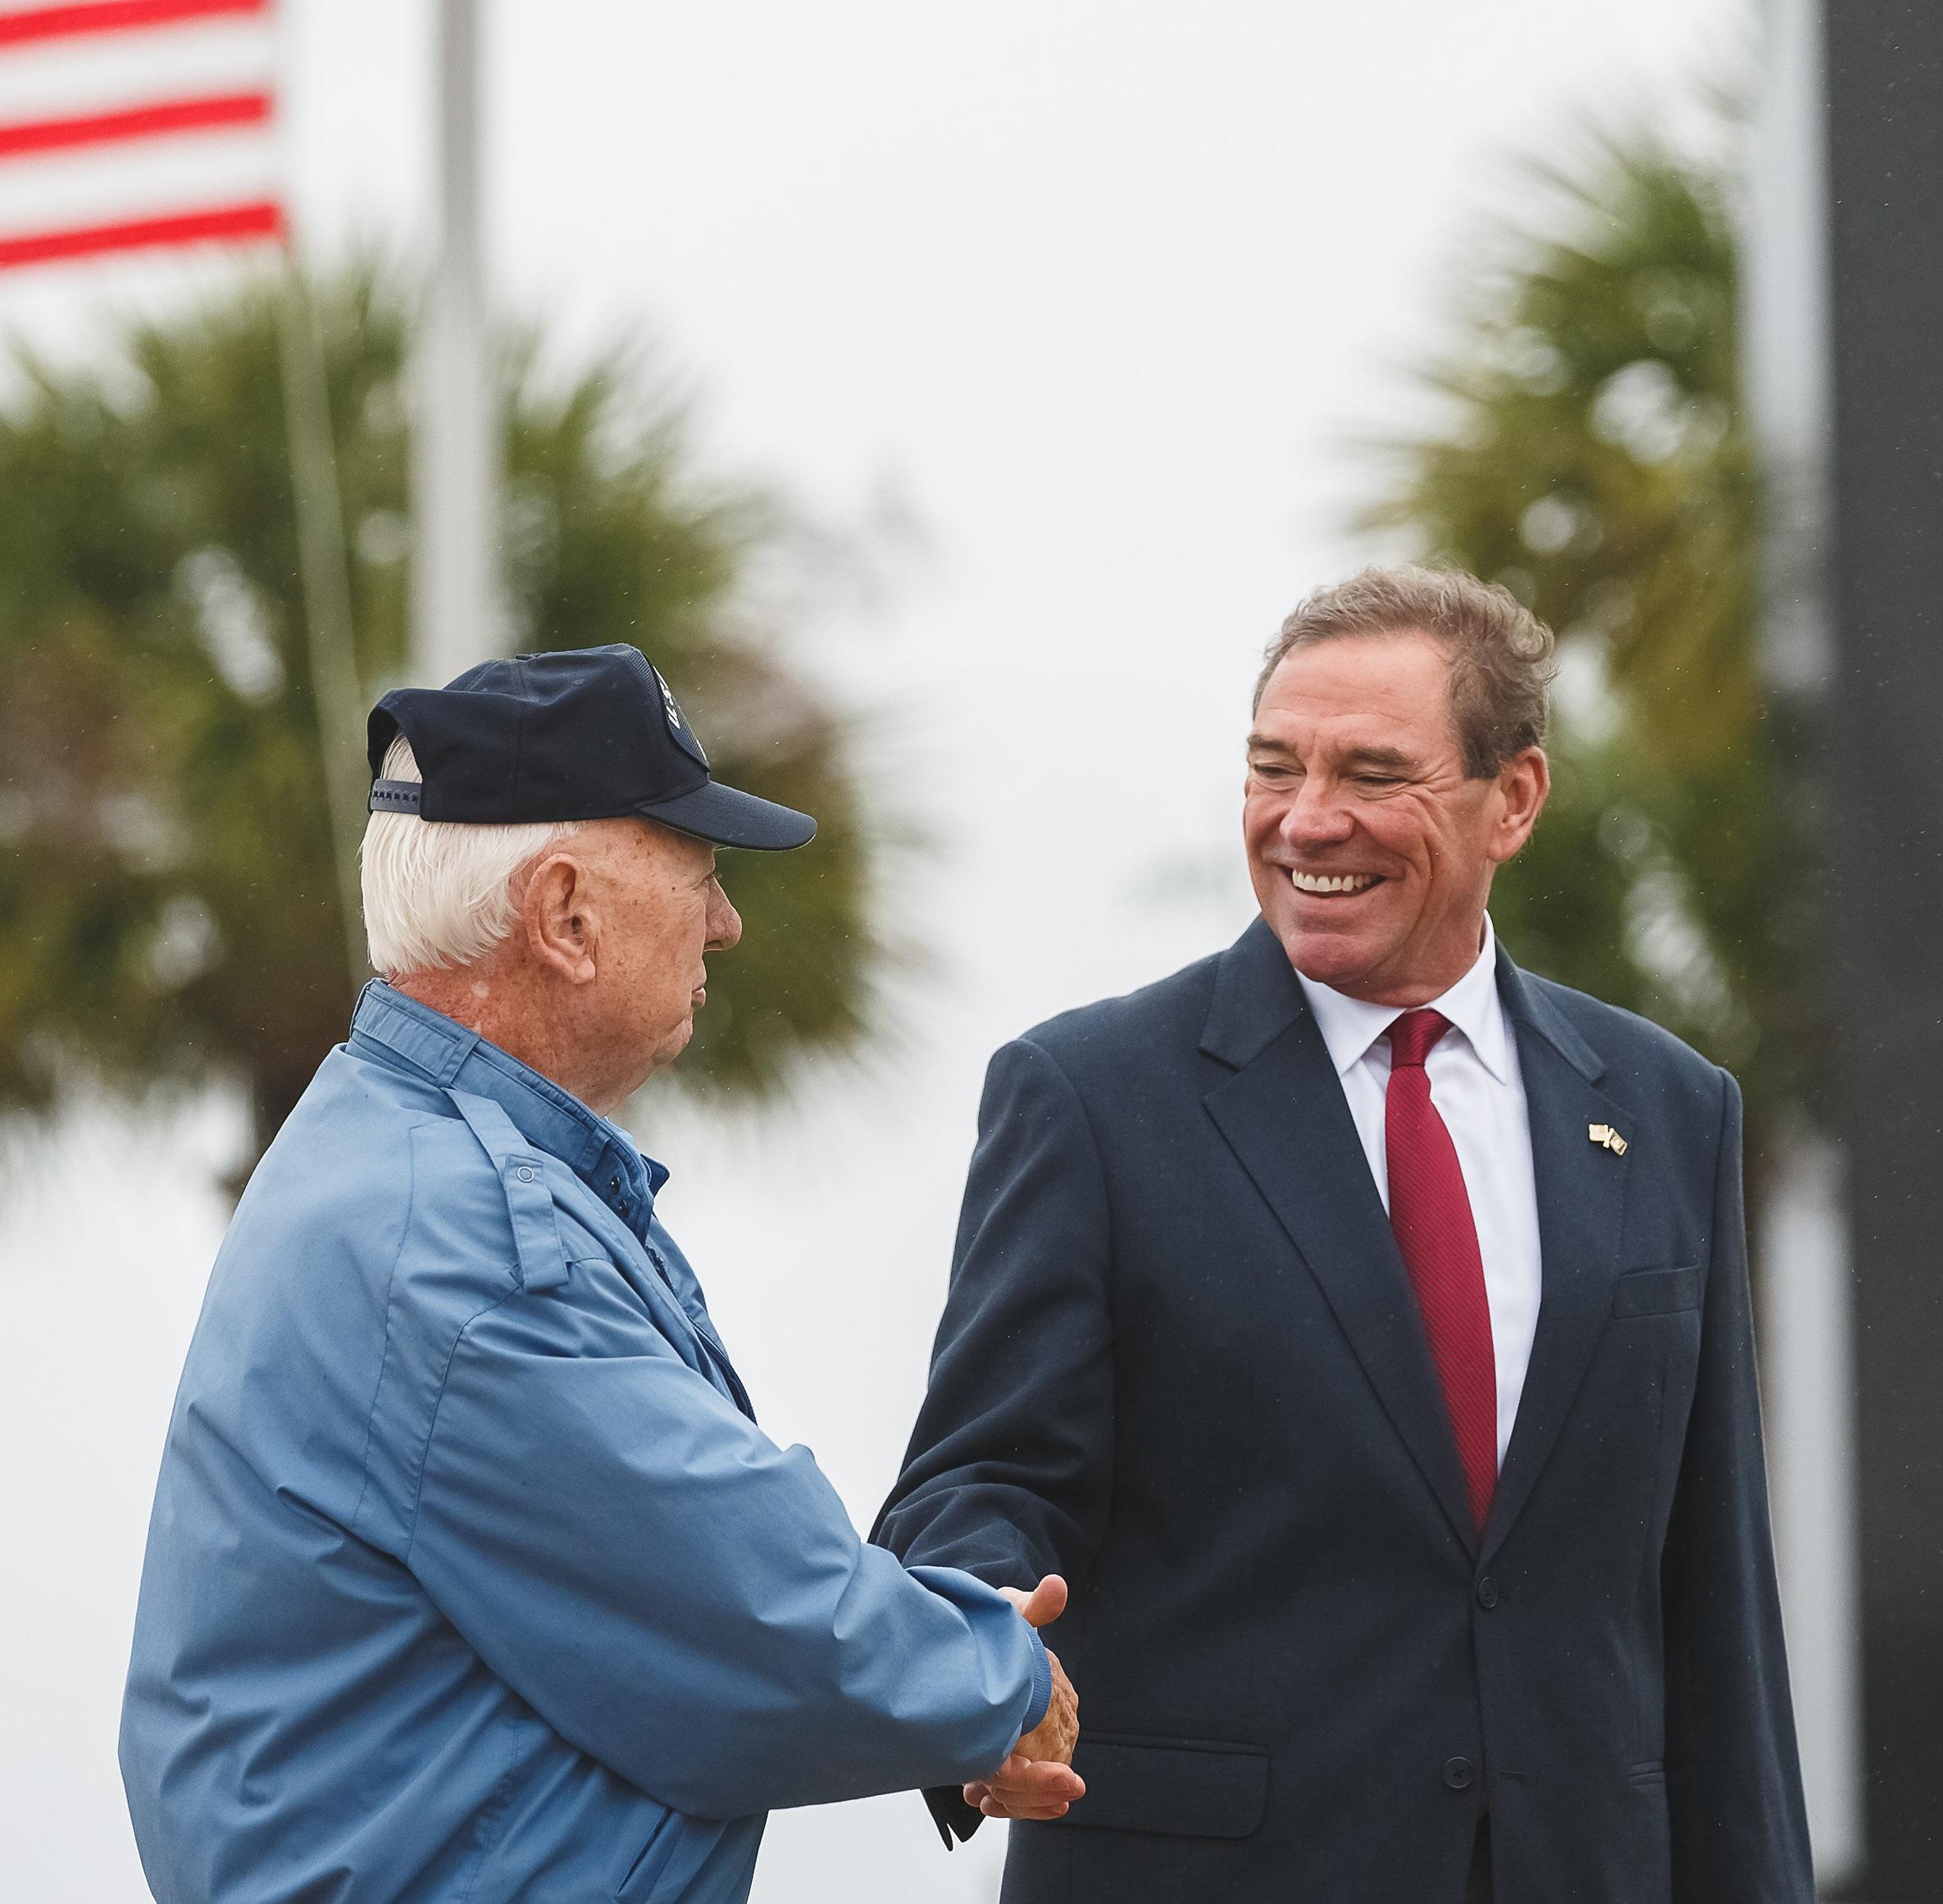 Veteran Hand Shake